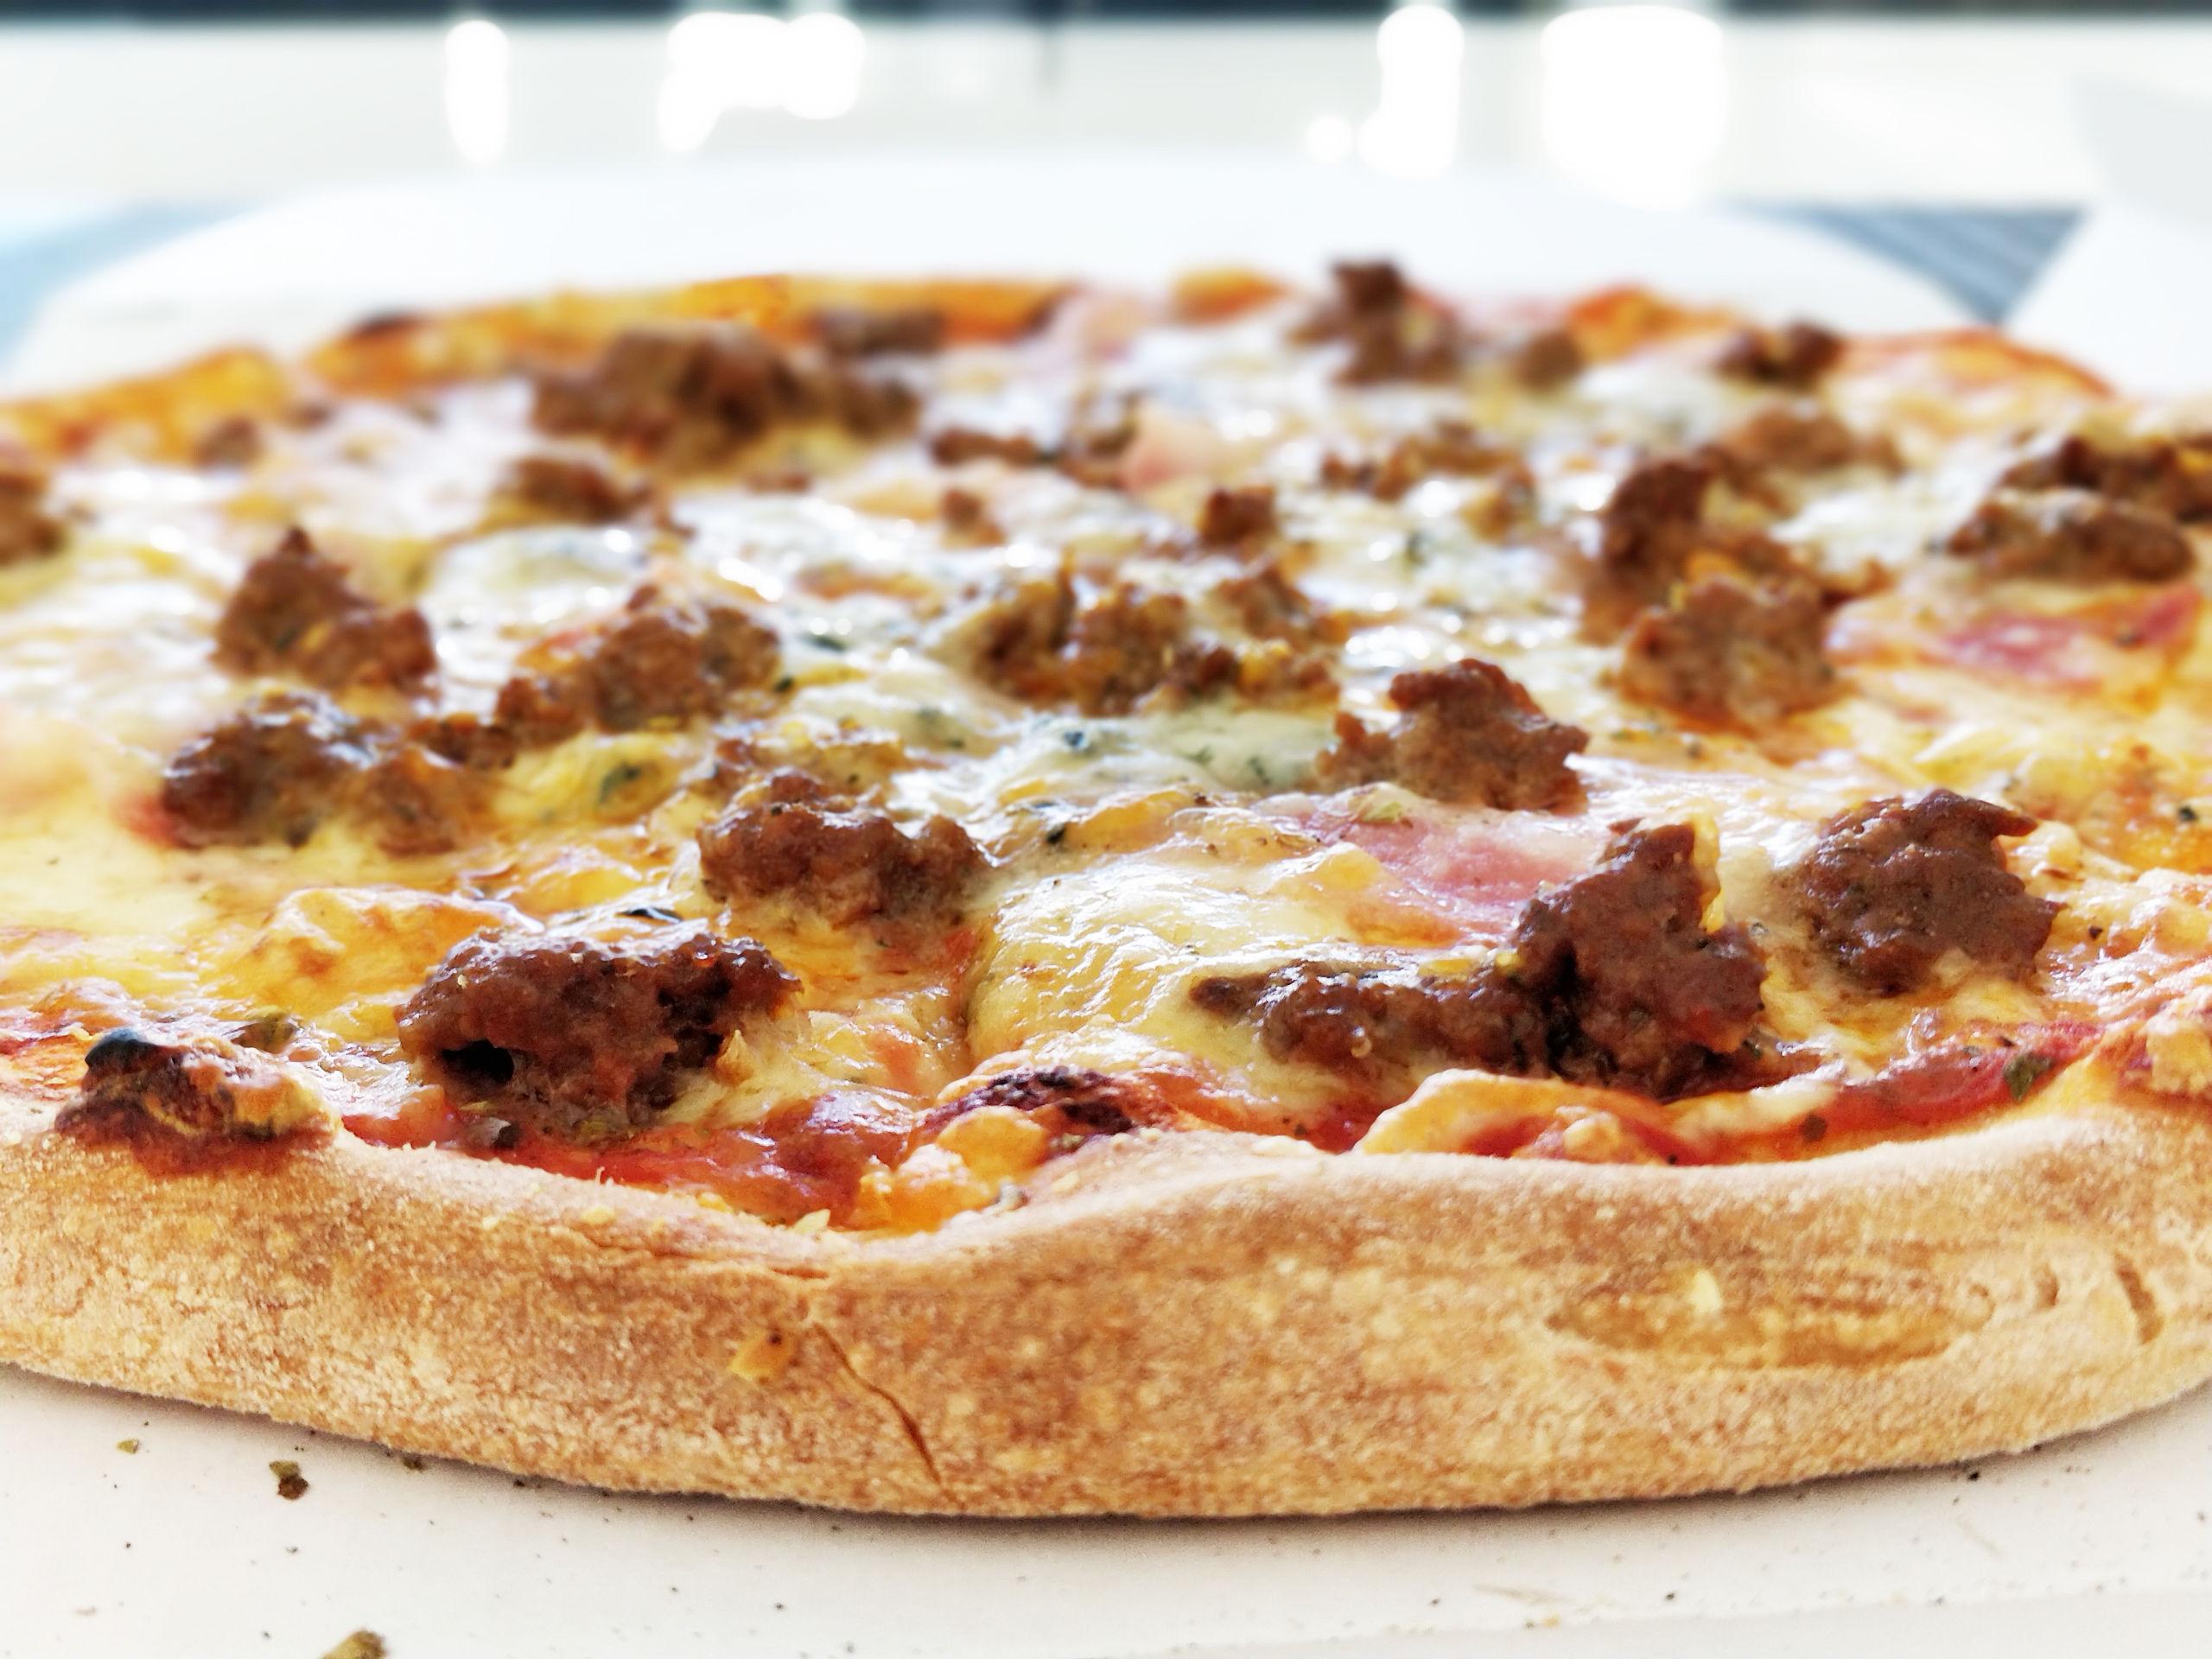 Universitets-pizzeria skuffer: Stedet er gemt ... og smagen hurtigt glemt